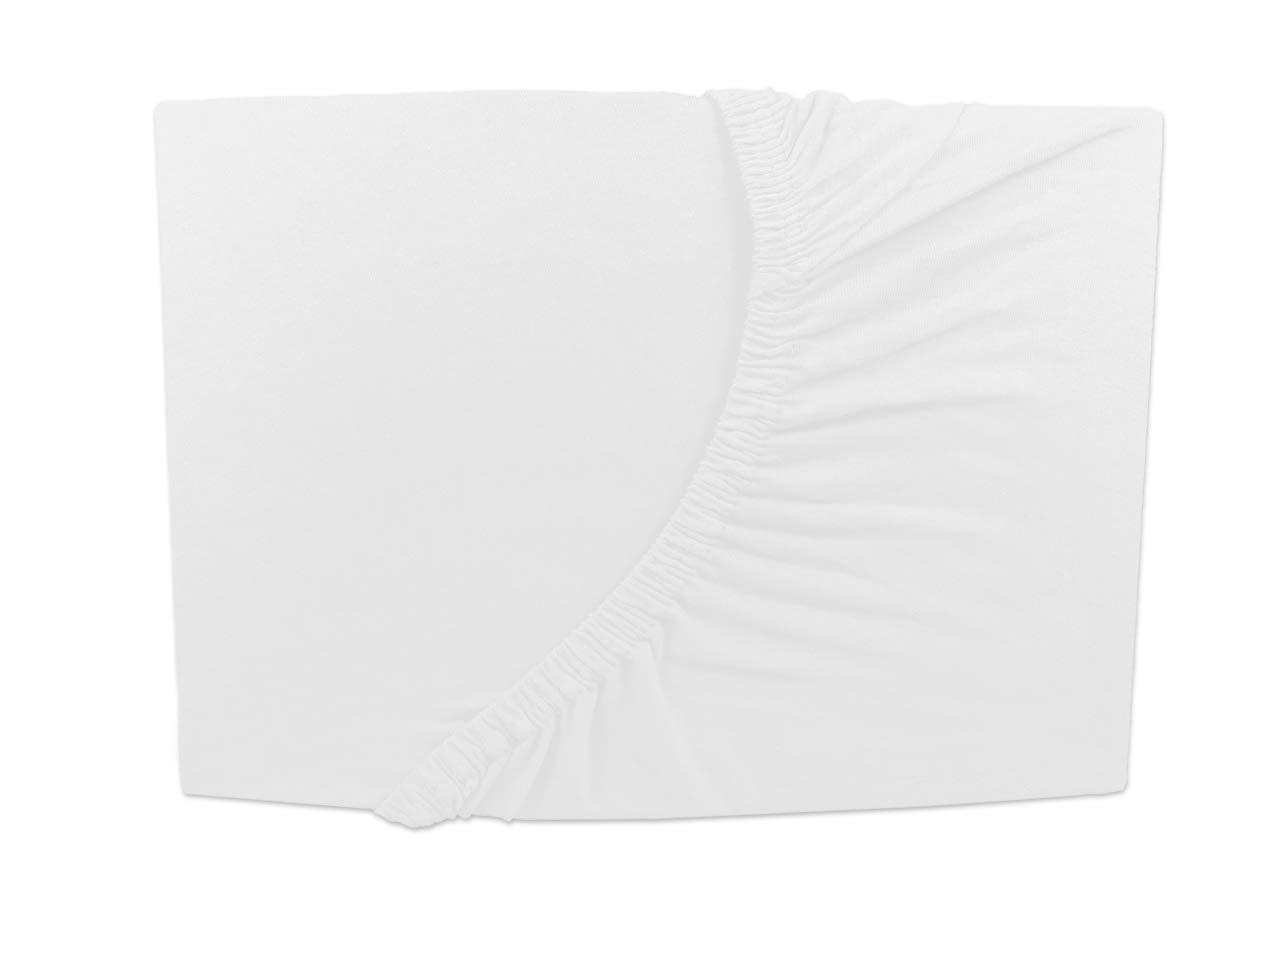 40 x 60 cm 1 Drap-Housse 70 x 140 cm 100 x 135 cm Arle-Living 3 pi/èces Parure de lit pour b/éb/é avec Motif Ourson endormi